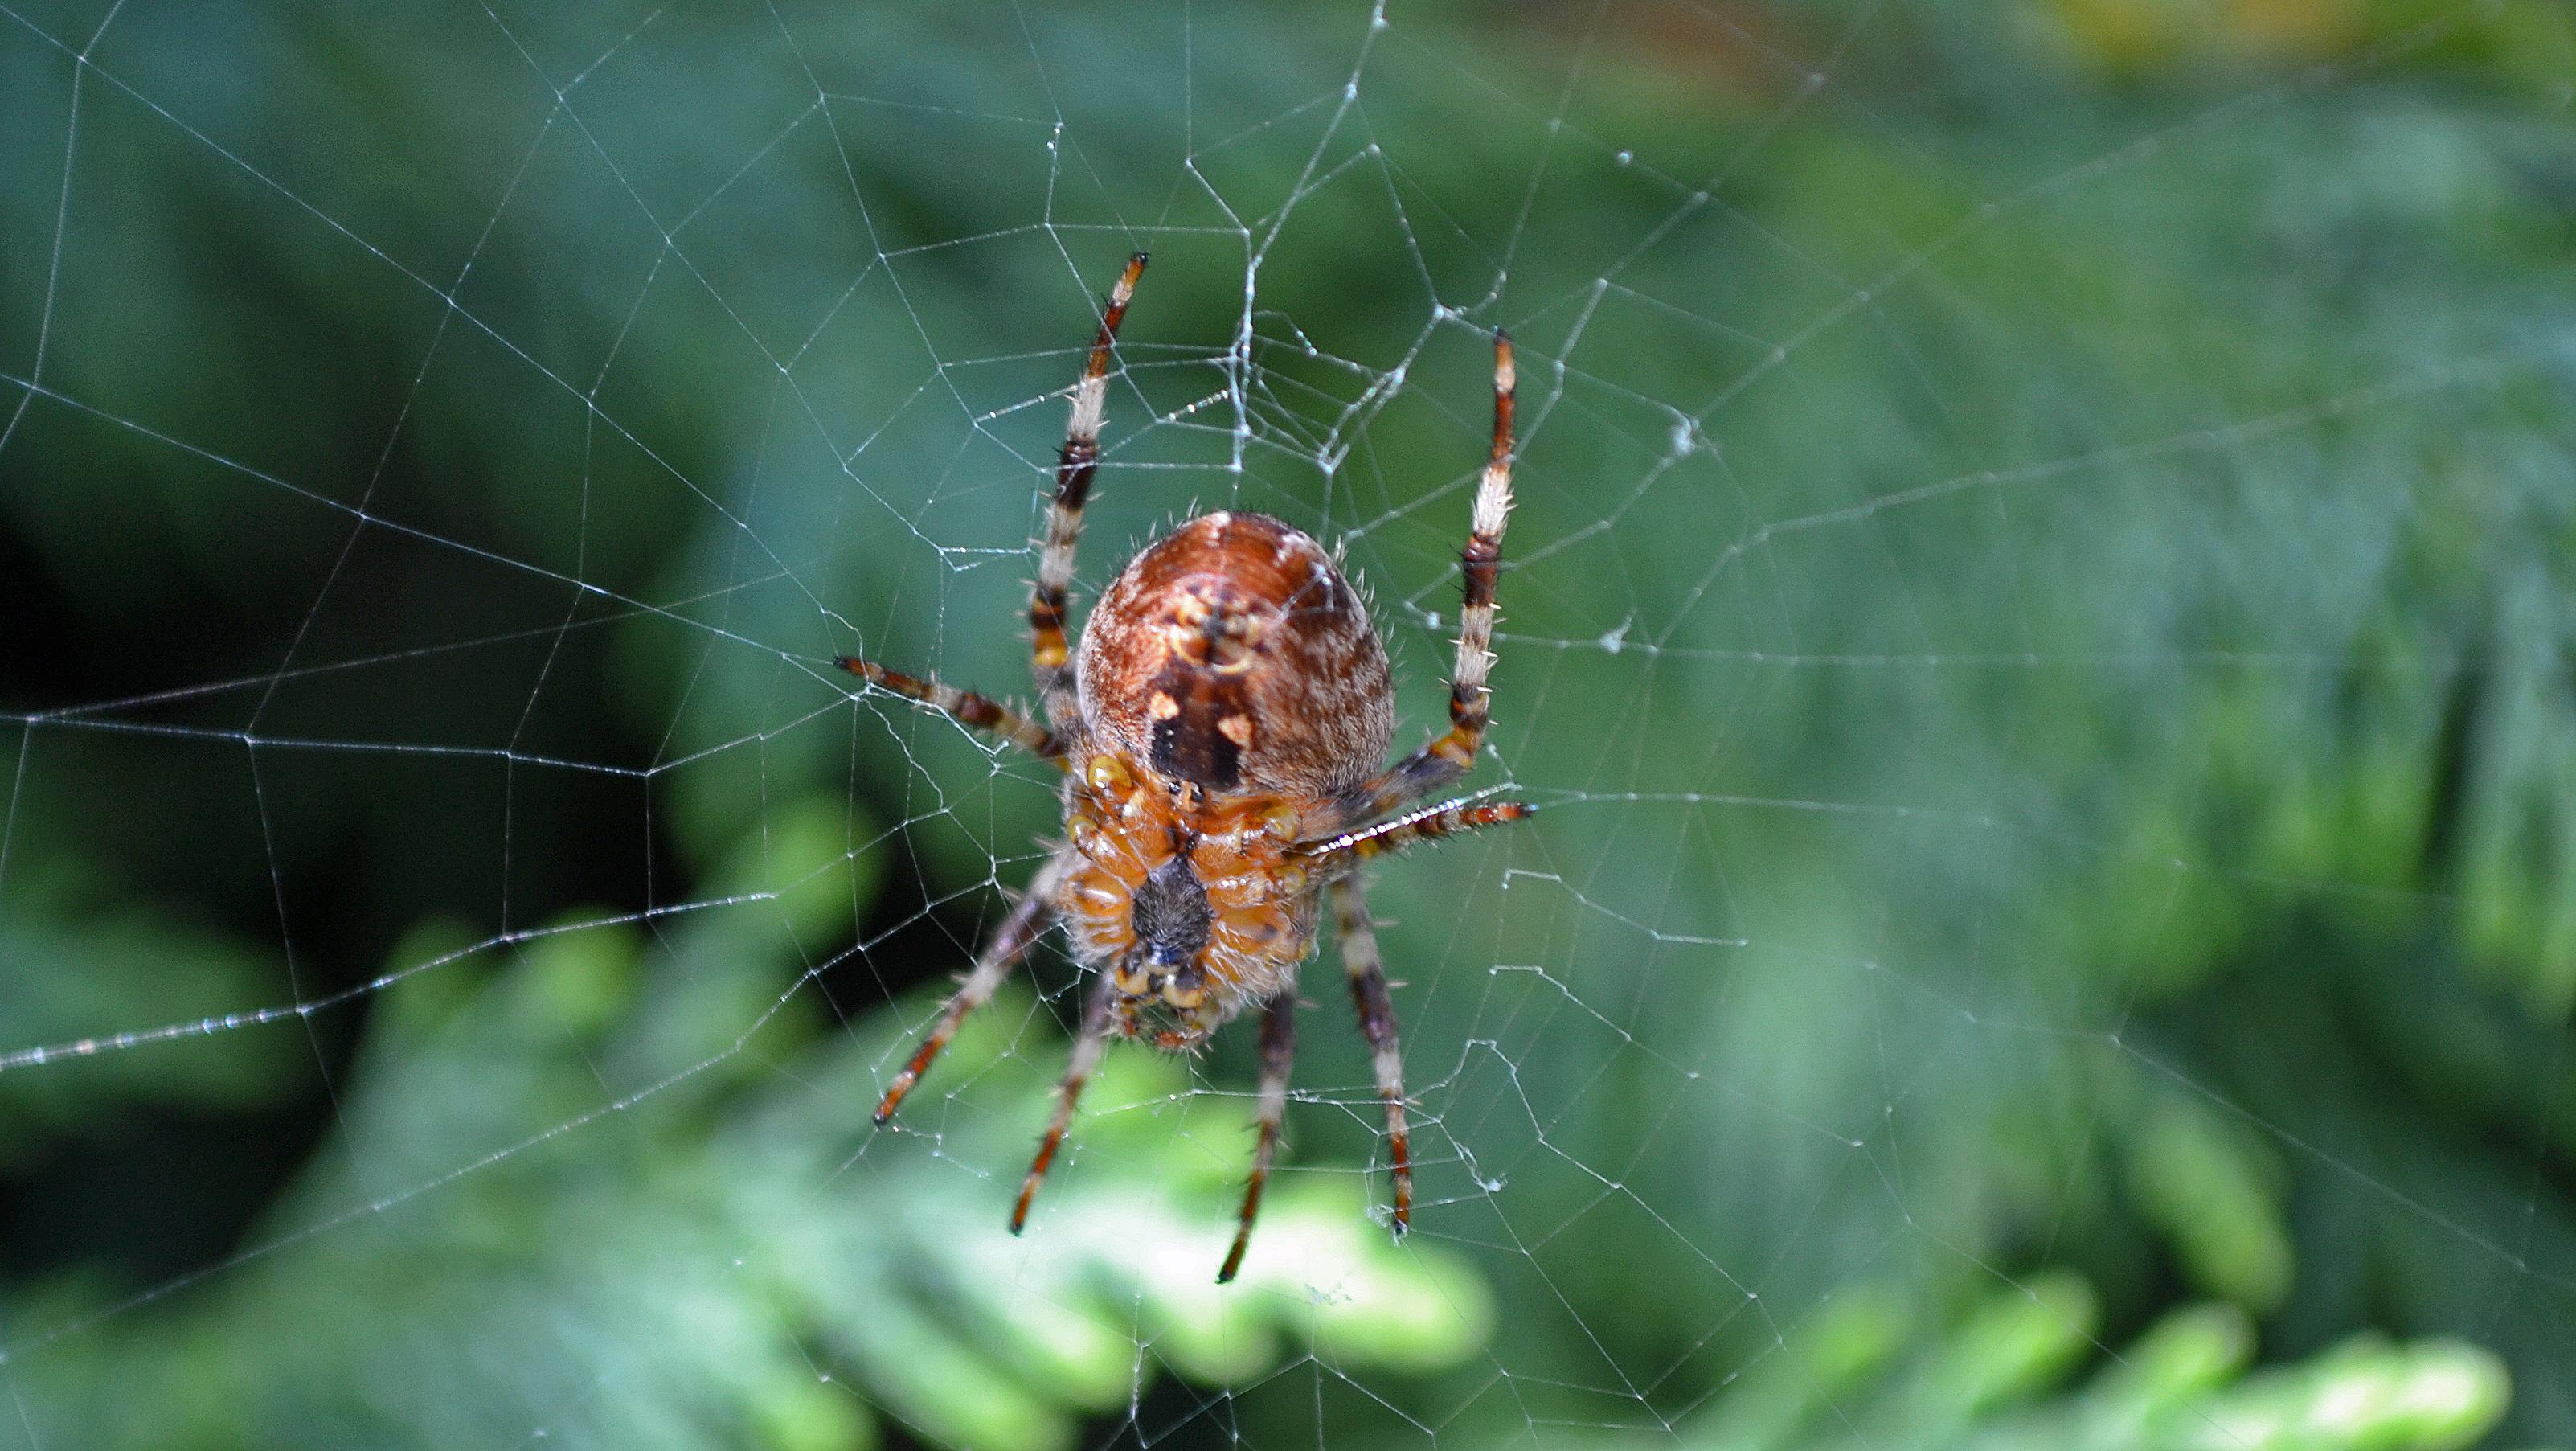 Veel spinnen in de tuin (Foto: Sjef Kenniphaas).